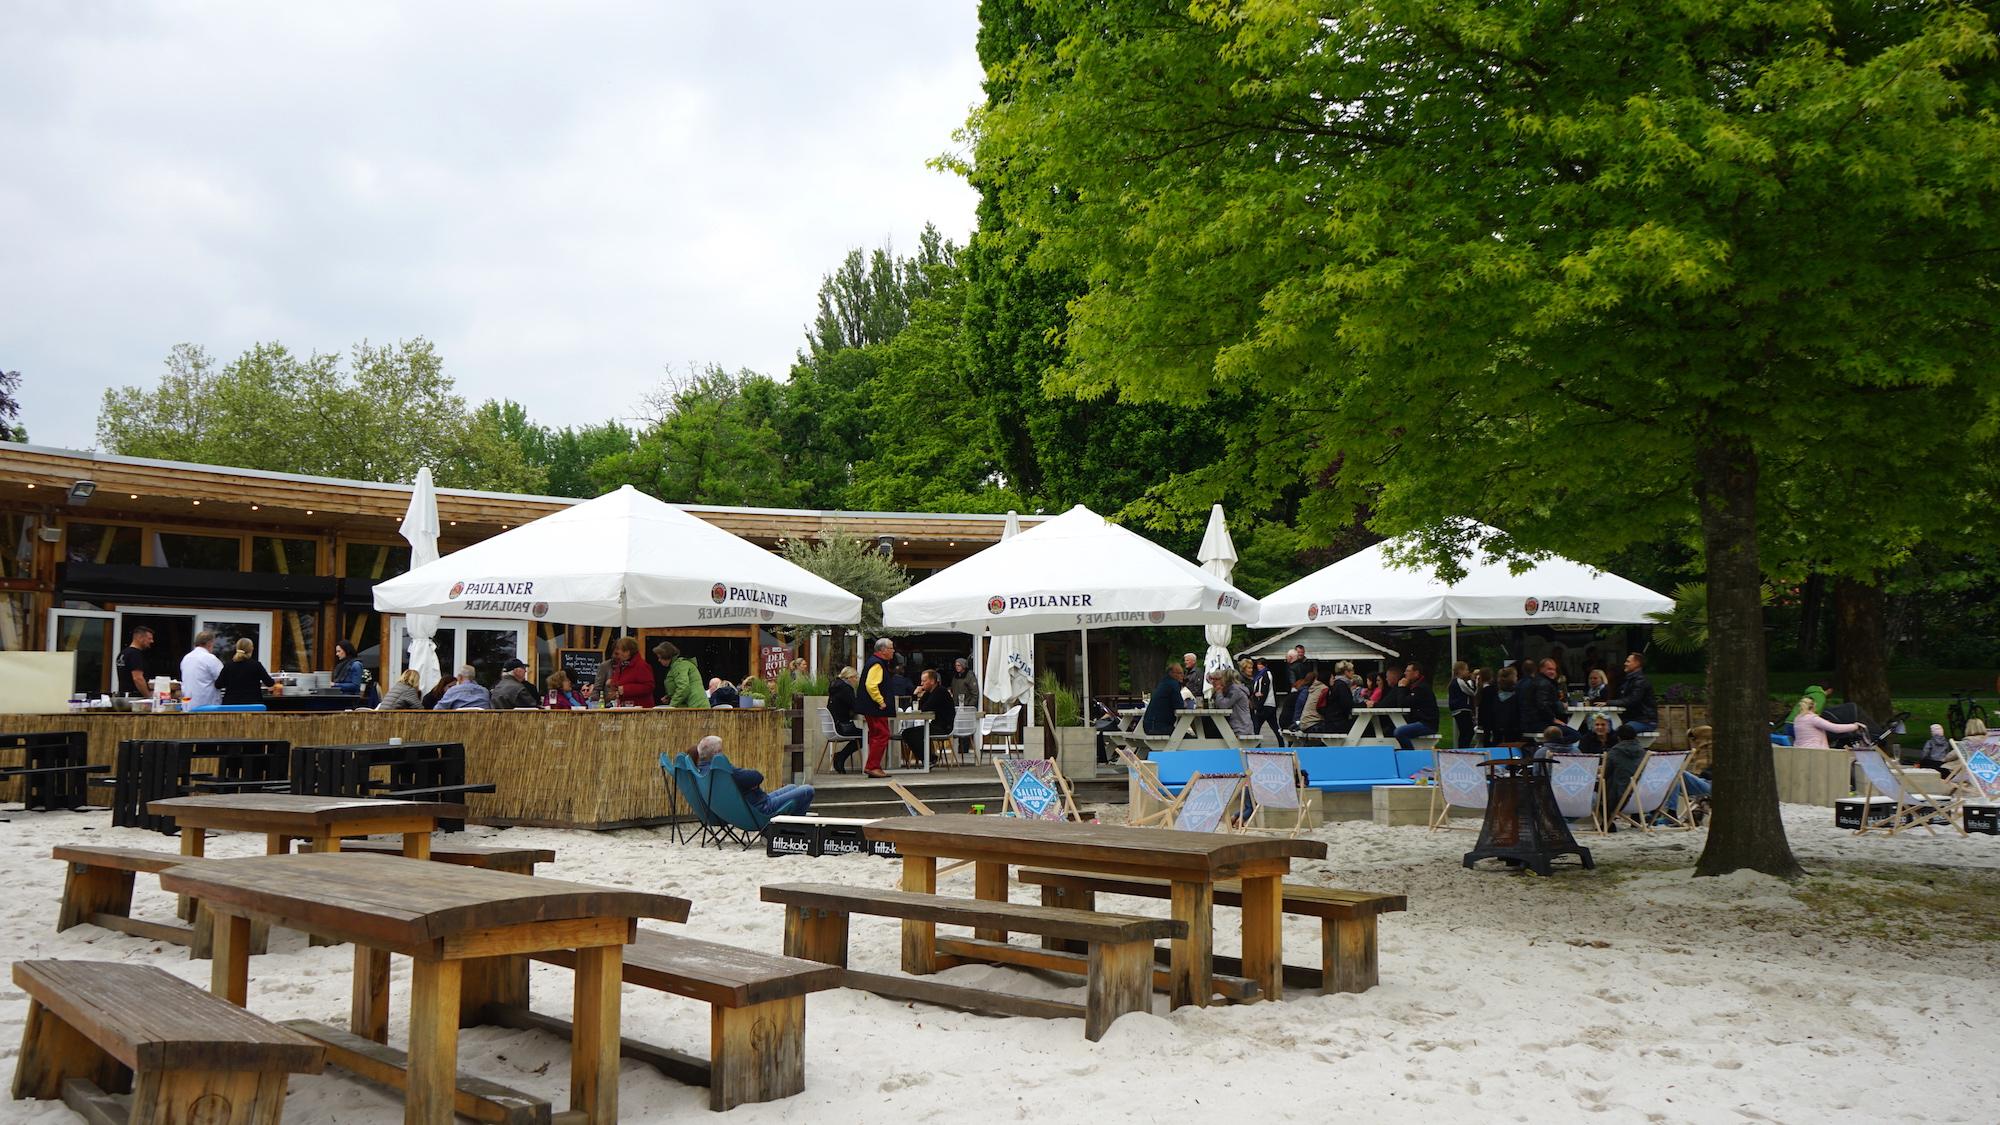 Nördliches Harzvorland: Wolfenbüttel, Beachclub am Stadtgraben / Beate Ziehres